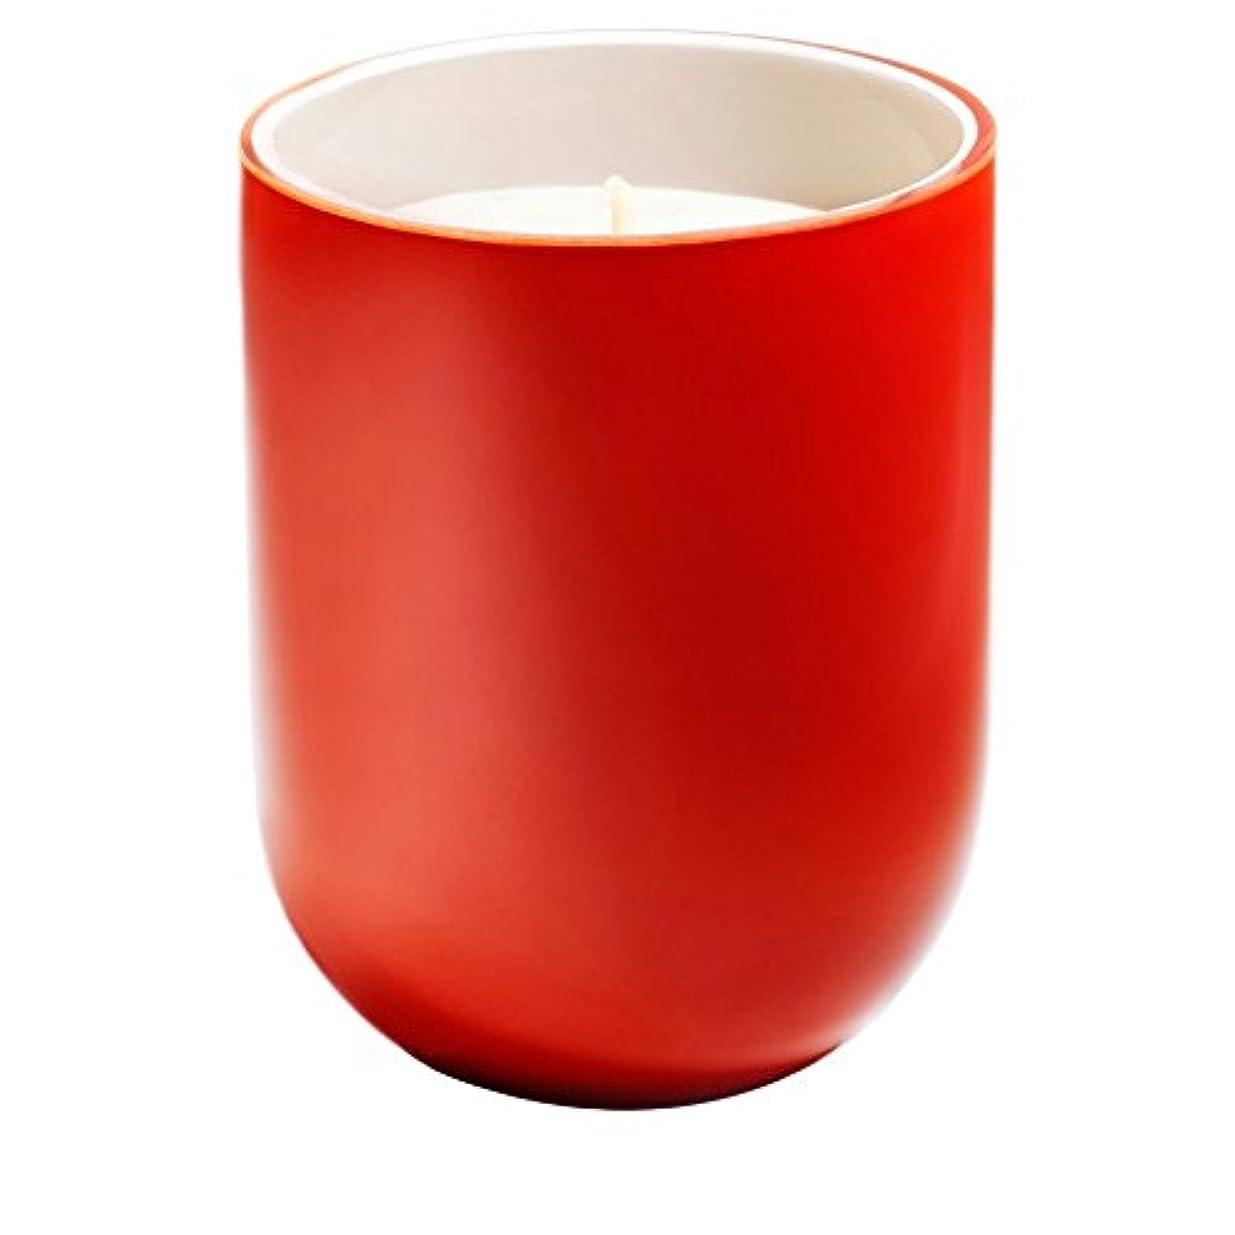 期待するスリップ歩くFrederic Malle Un Gard?nia La Nuit Scented Candle (Pack of 4) - フレデリック?マル国連ガーデニア?ラ?ニュイ香りのキャンドル x4 [並行輸入品]